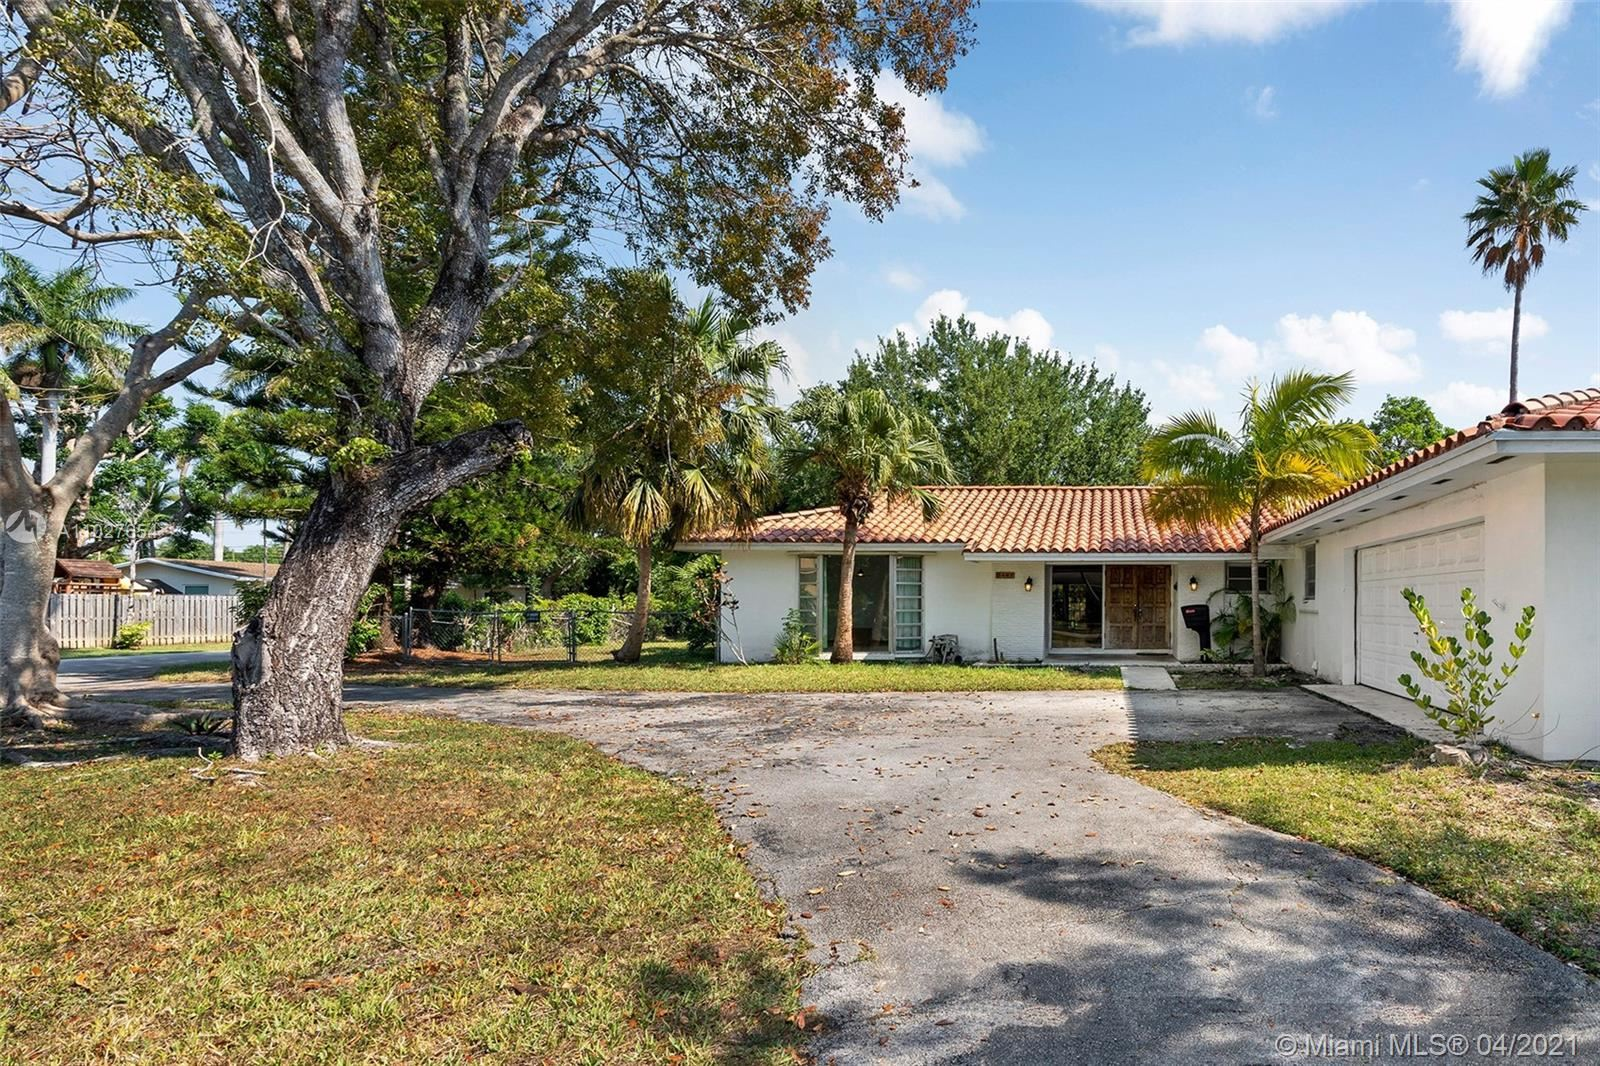 8445 SW 158th St, Palmetto Bay, FL 33157 - #: A11027654